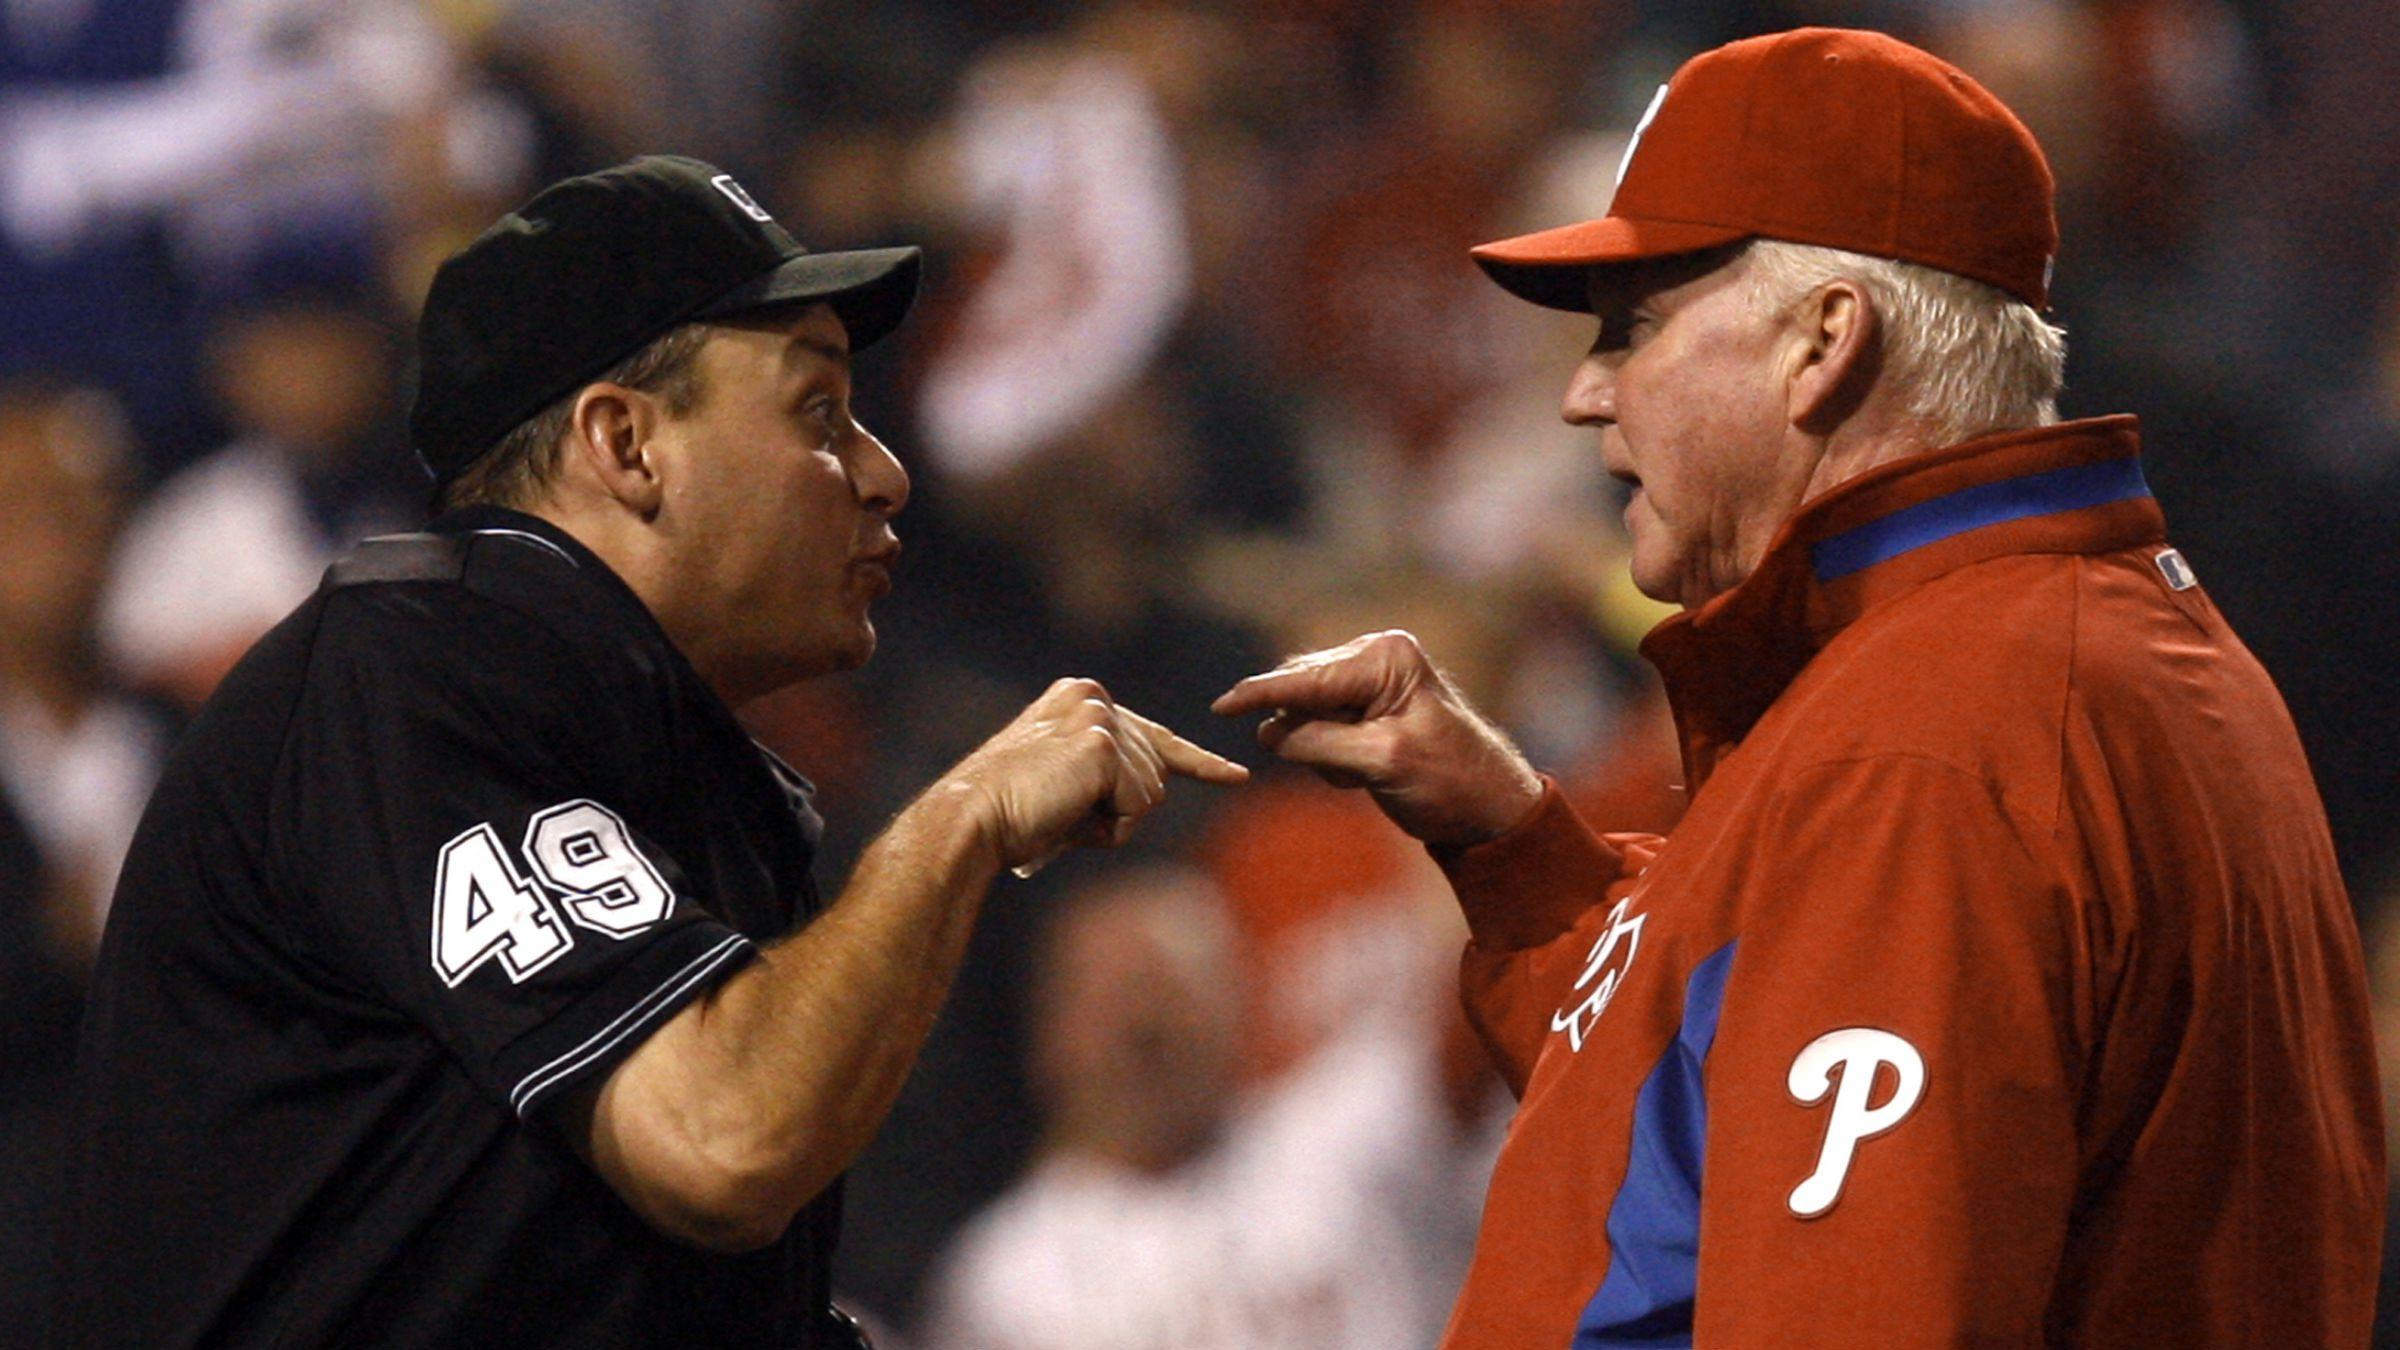 Who umpires the umpire?